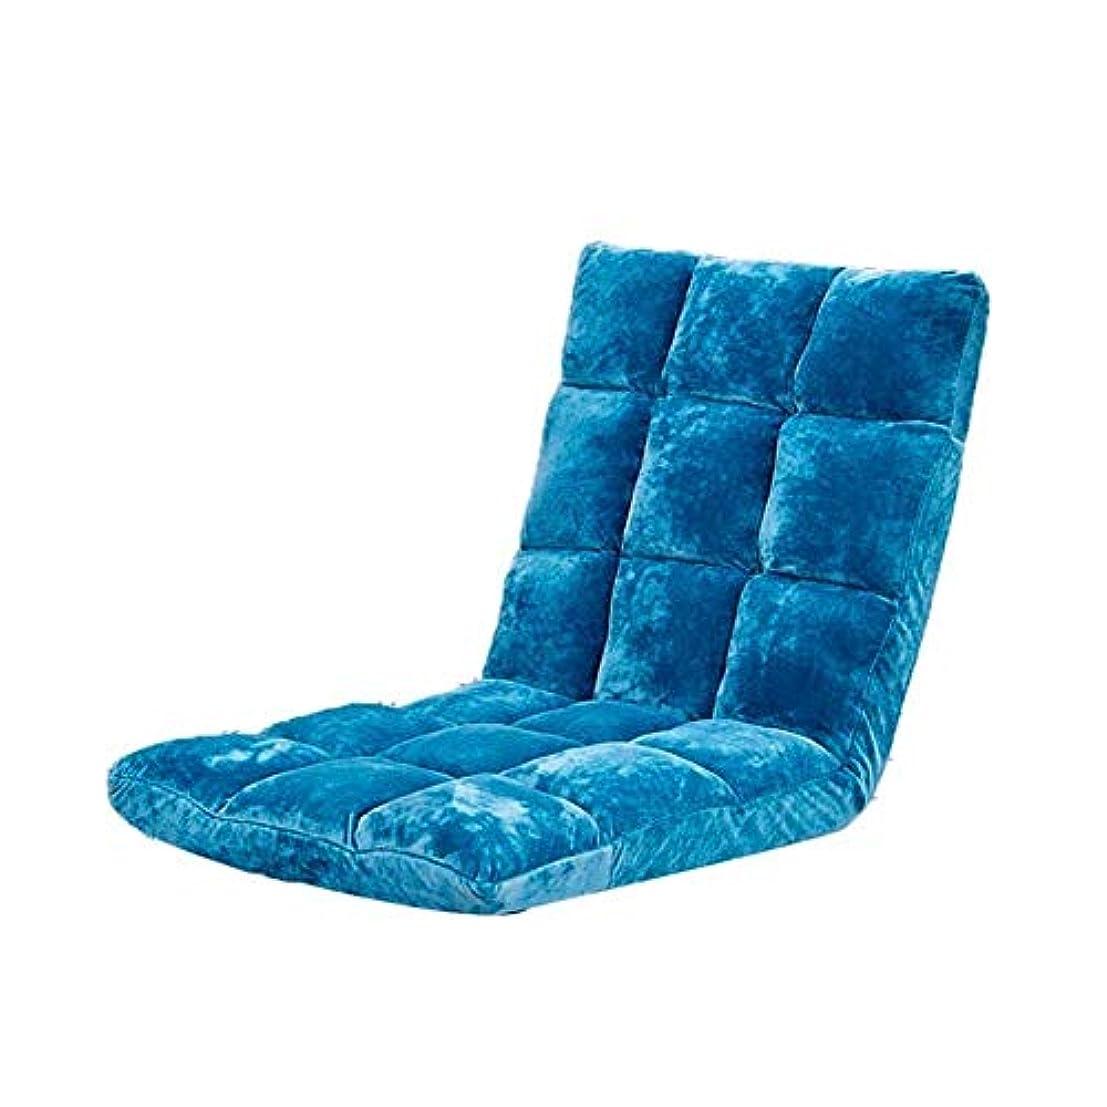 フレット別々にフリンジ瞑想チェア、シングルレイジーソファ、折りたたみ式バルコニーフロアチェア、畳コンピューターチェア、ベイウィンドウチェア (Color : 青)